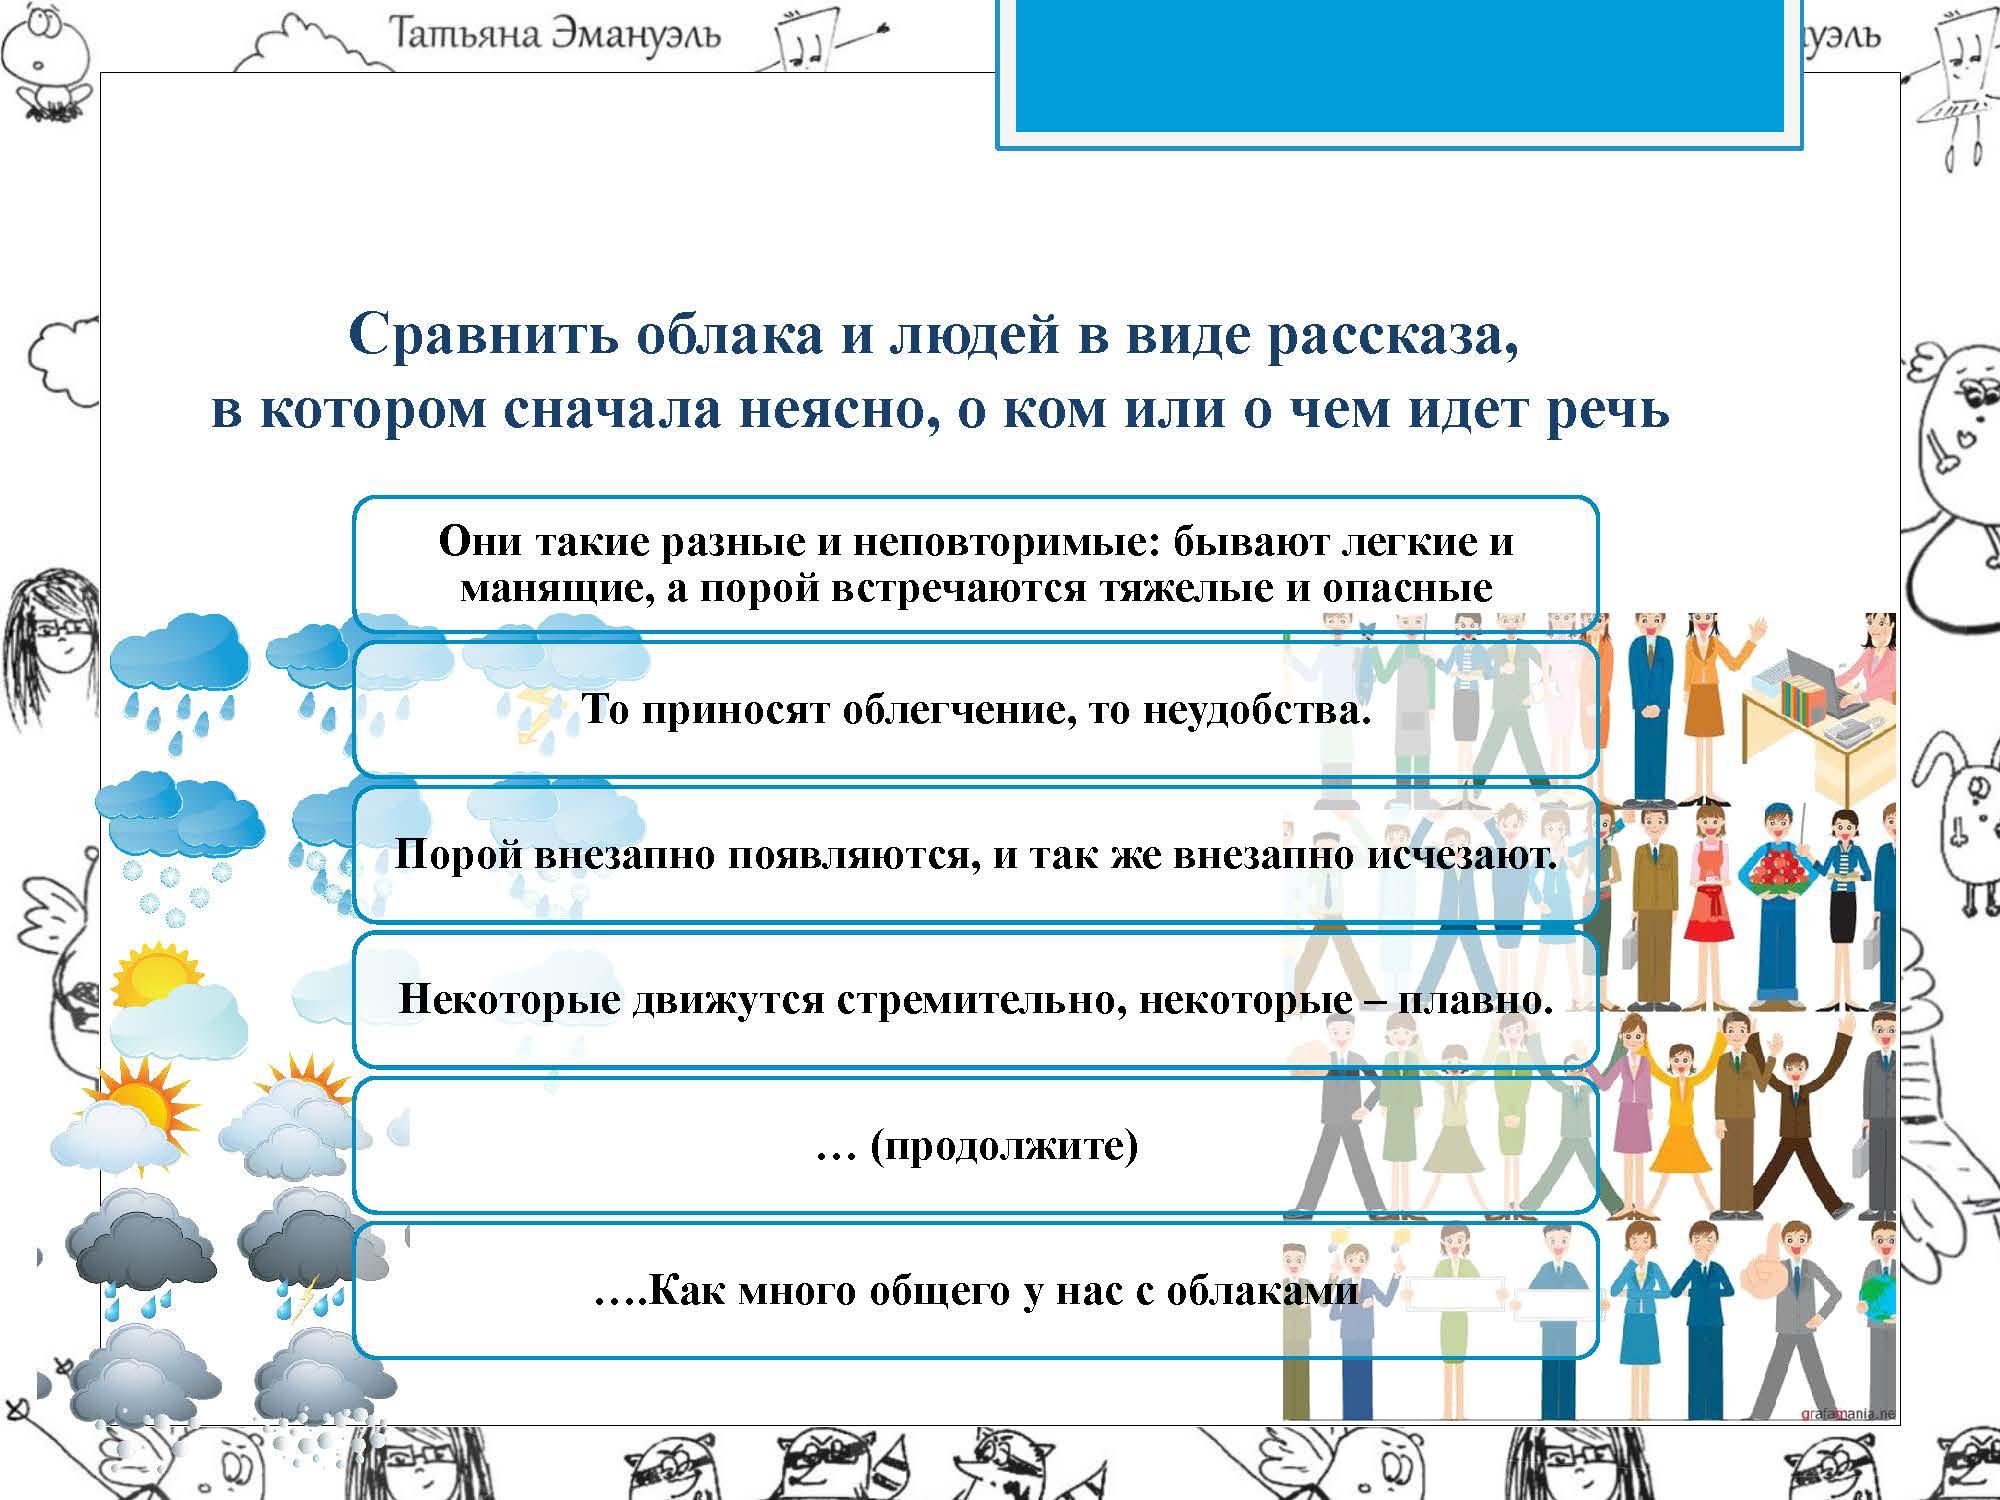 !облака_Страница_097